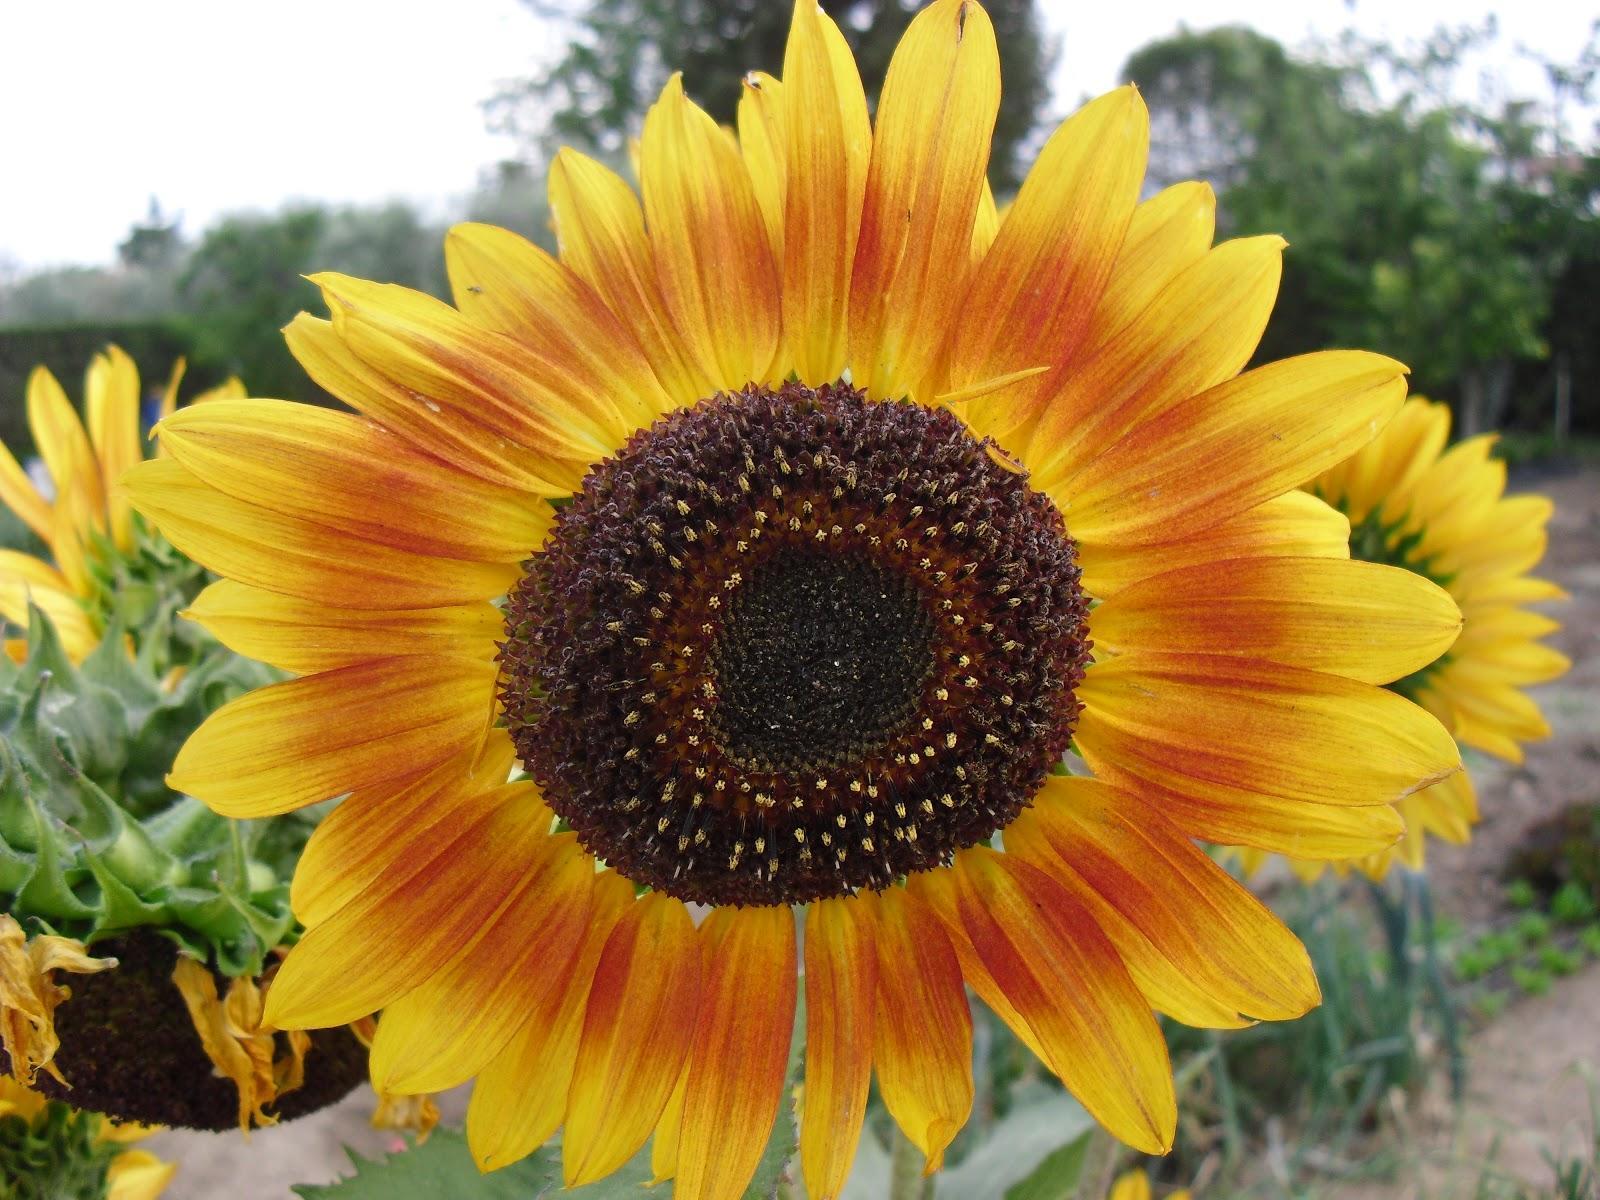 Hermosas Imágenes De Flores Naturales Para Compartir